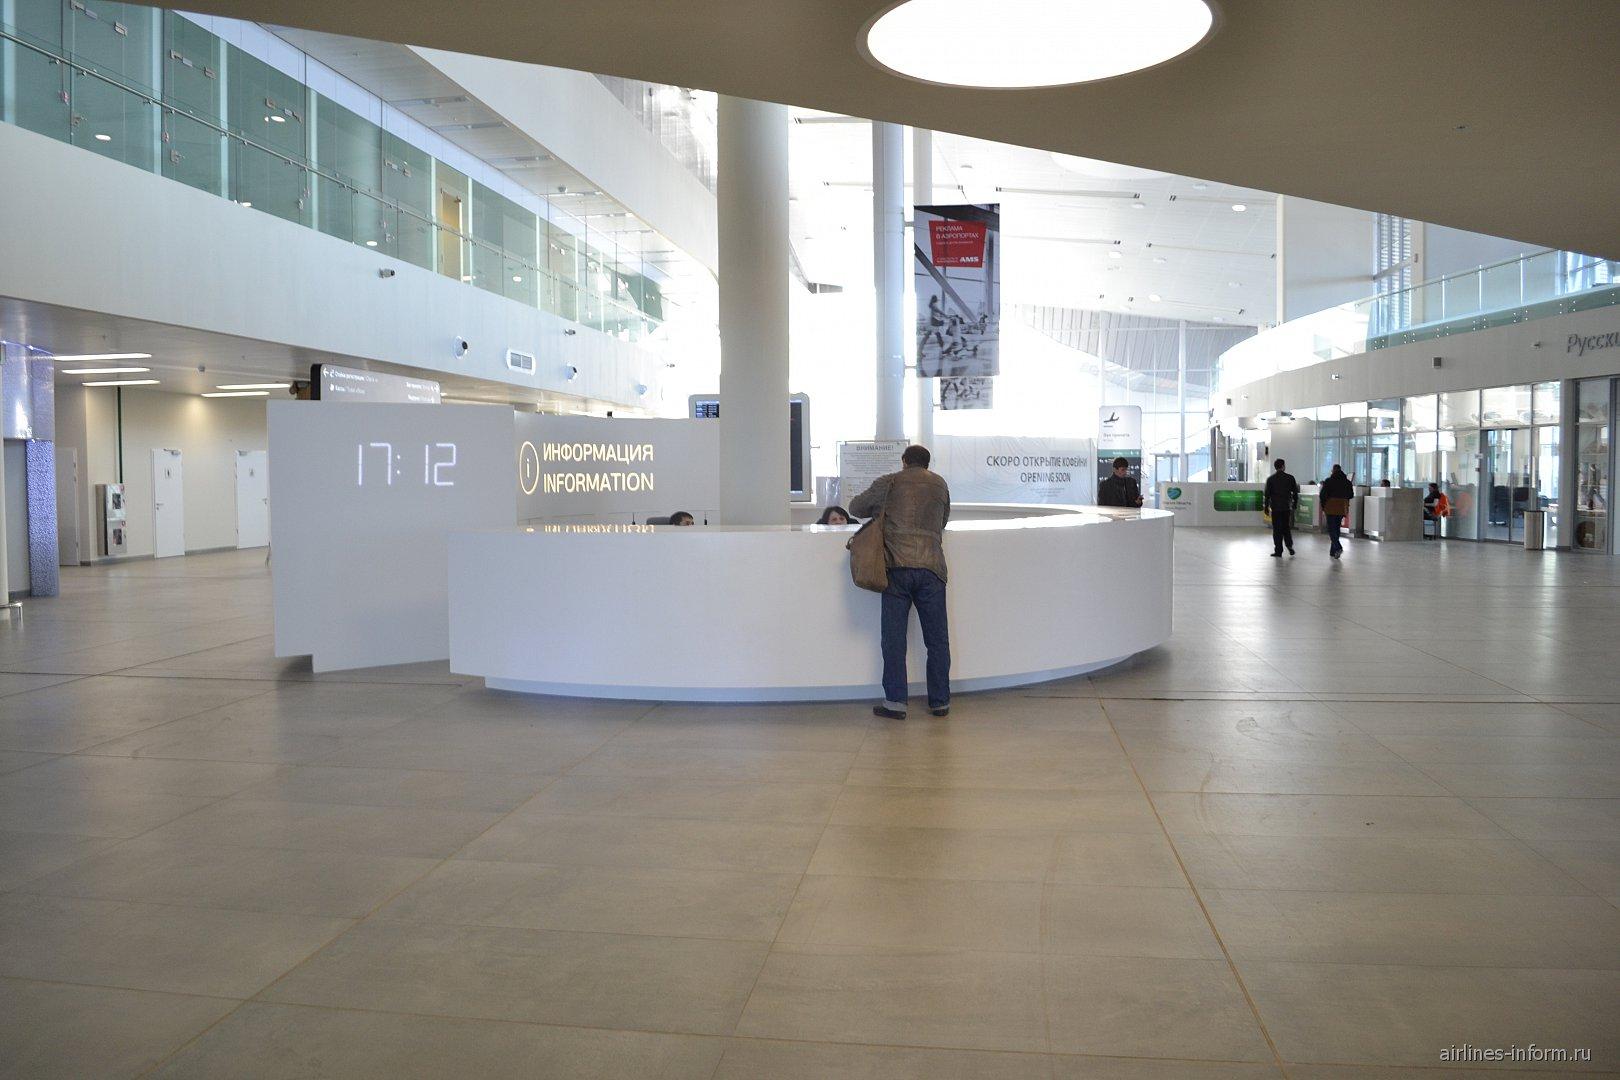 Информационная стойка в Терминале 1 аэропорта Самара Курумоч